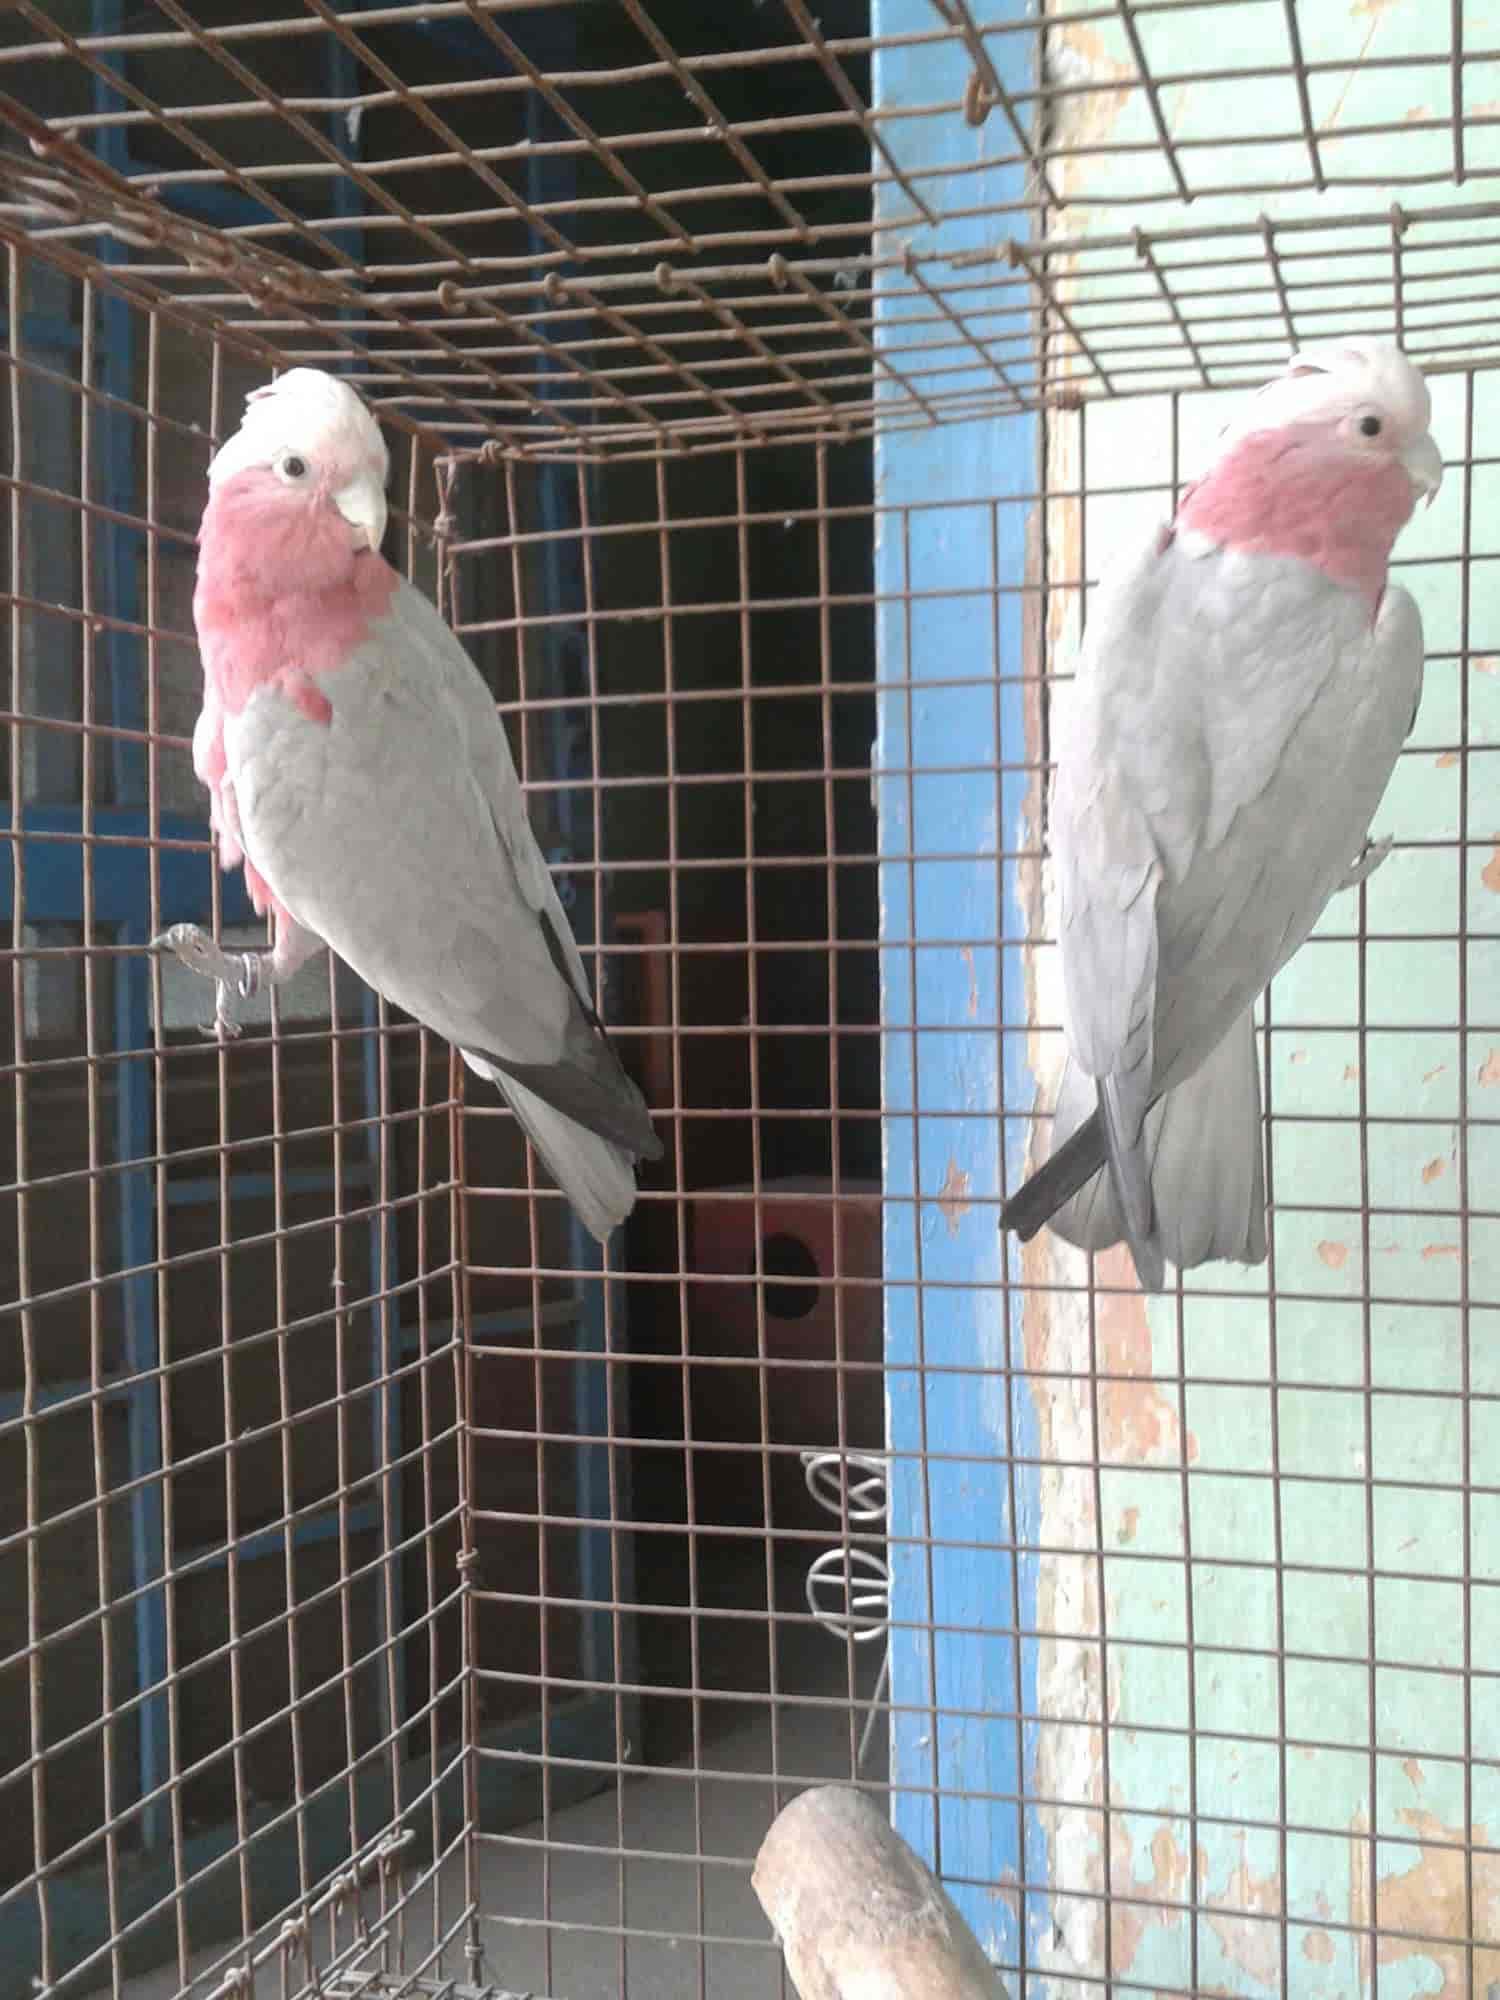 hobby zoo birds and parrot shop photos laxmi nagar delhi pictures